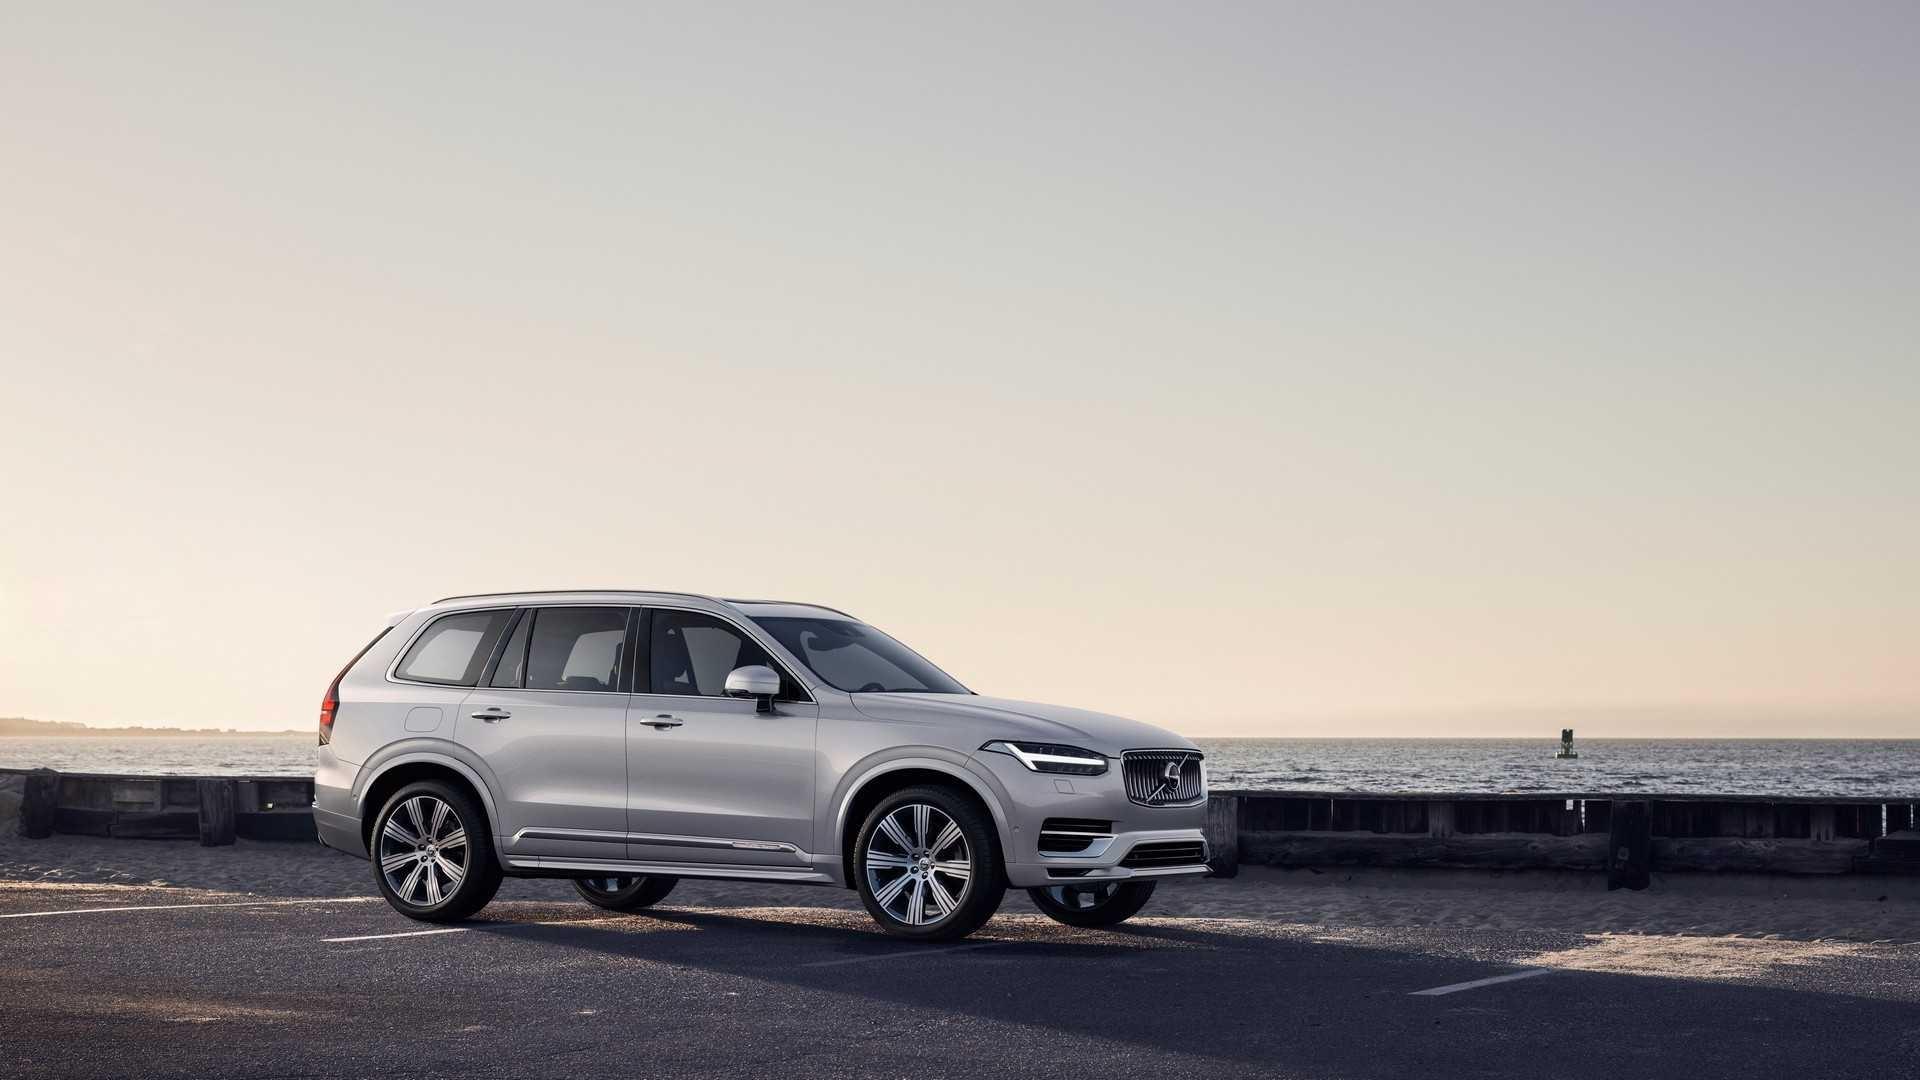 'SUV an toàn nhất thế giới' Volvo XC90 được bổ sung 'vũ khí mới' KERS